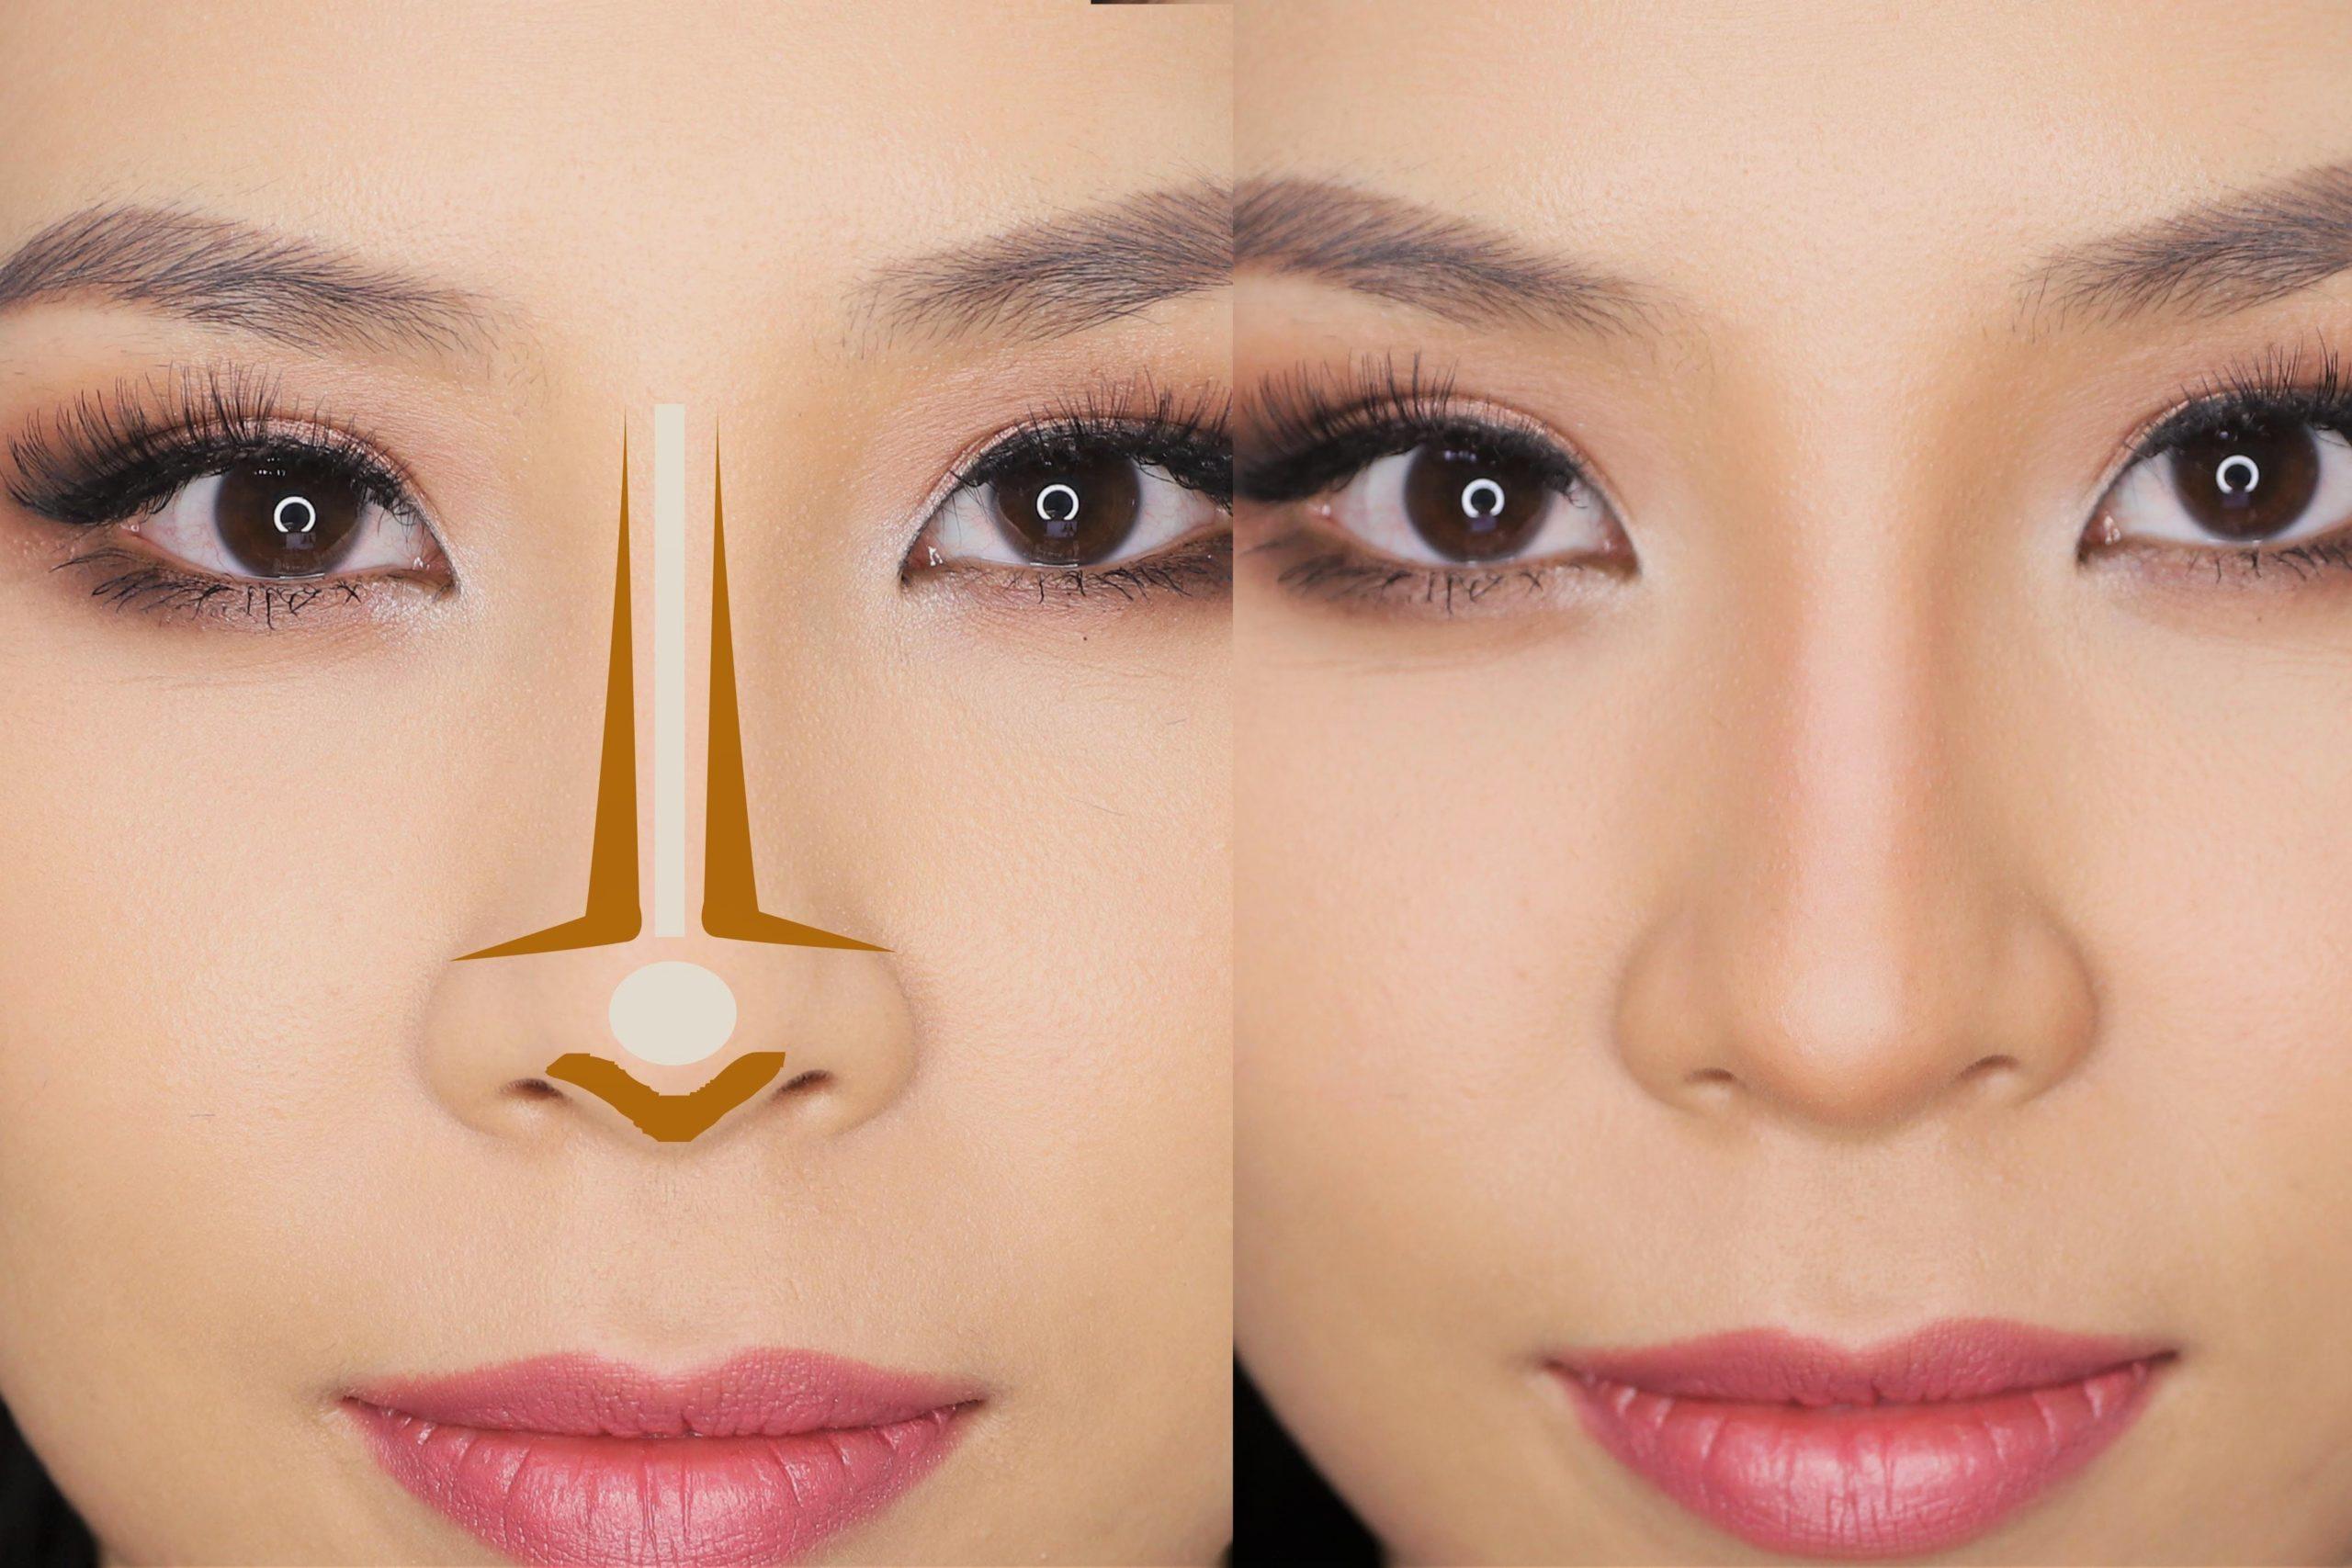 رفع قوز بینی با آرایش با ترفندهای خاص میکاپ و کوچک نشان دادن بینی